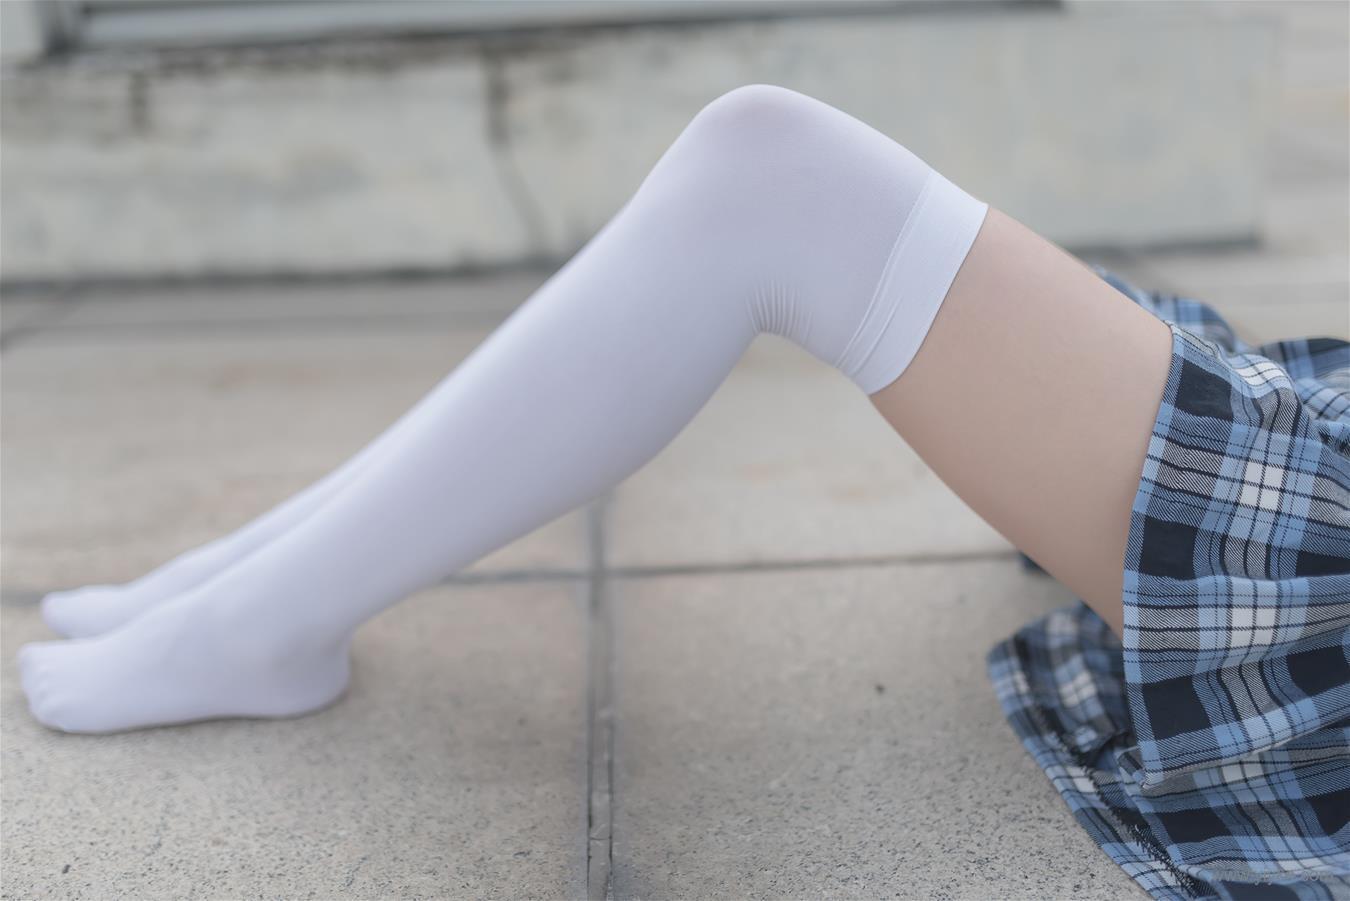 格子裙白色膝上襪